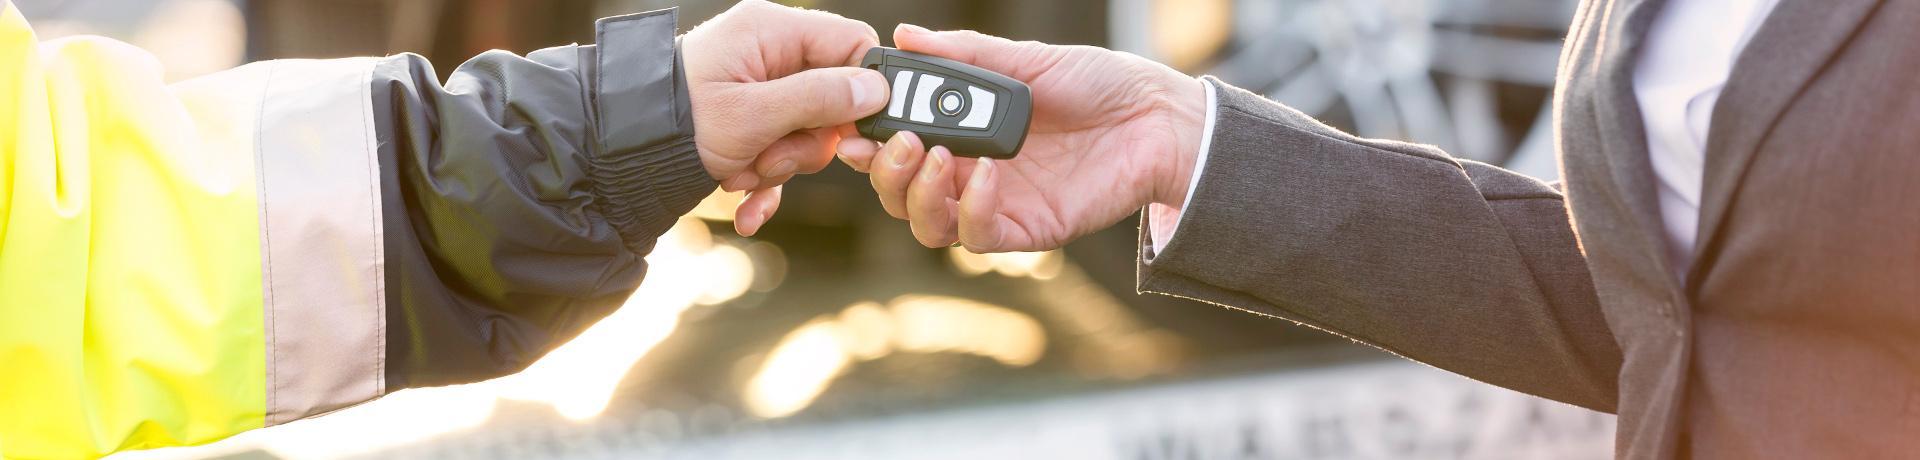 Mietwagen-Ratgeber: Übergabe - Schlüssel